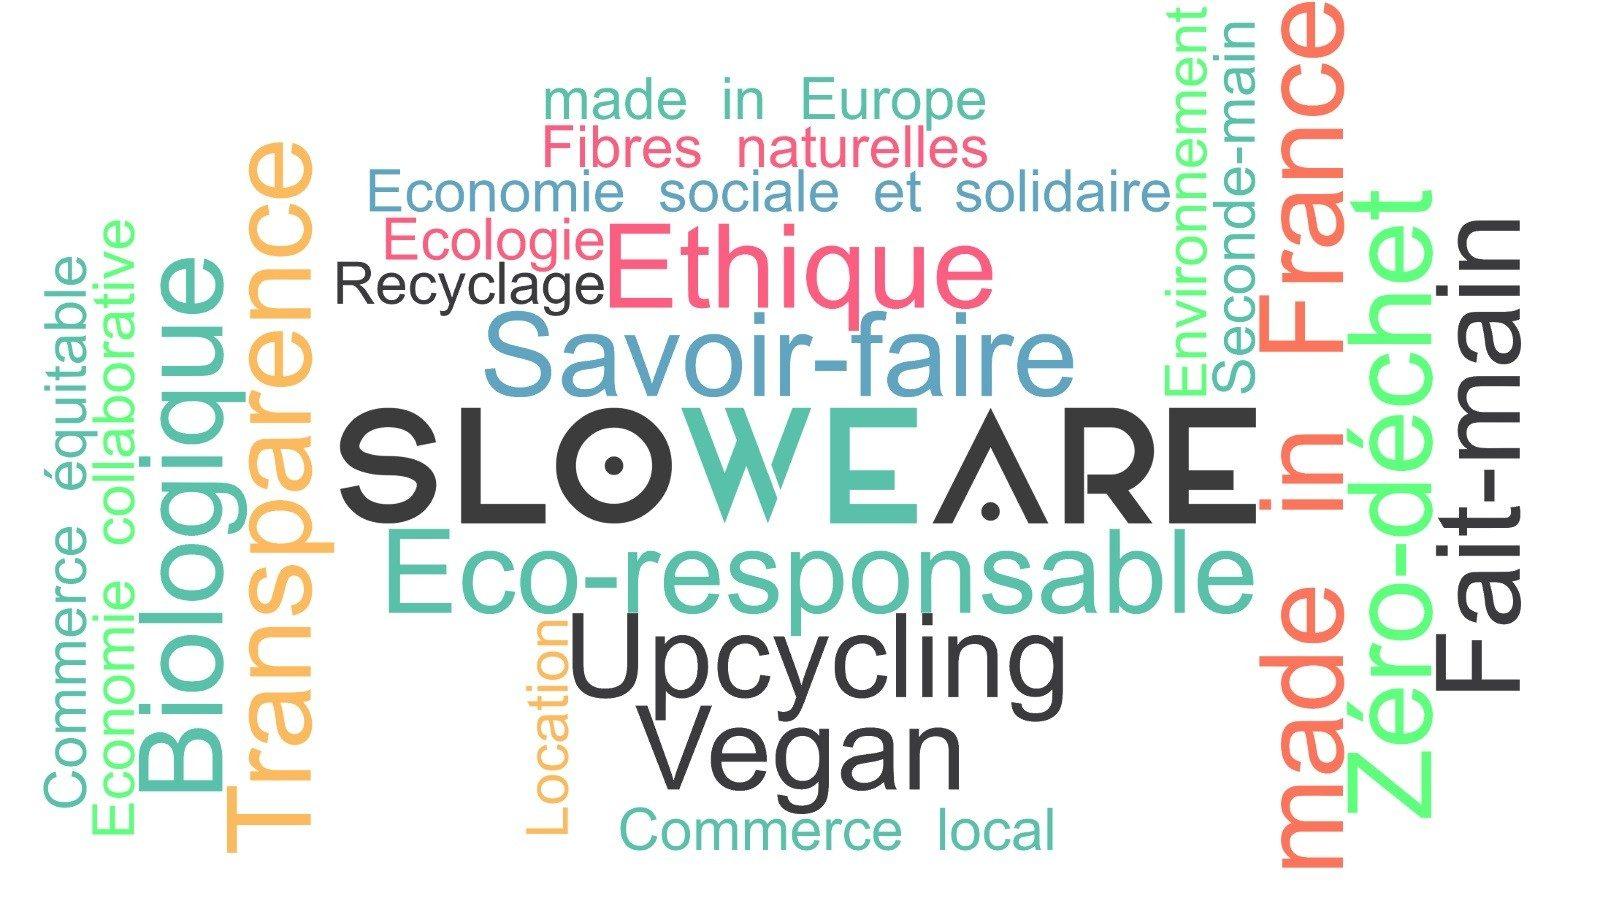 Qu est ce que la mode eco-responsable - nuage de mots